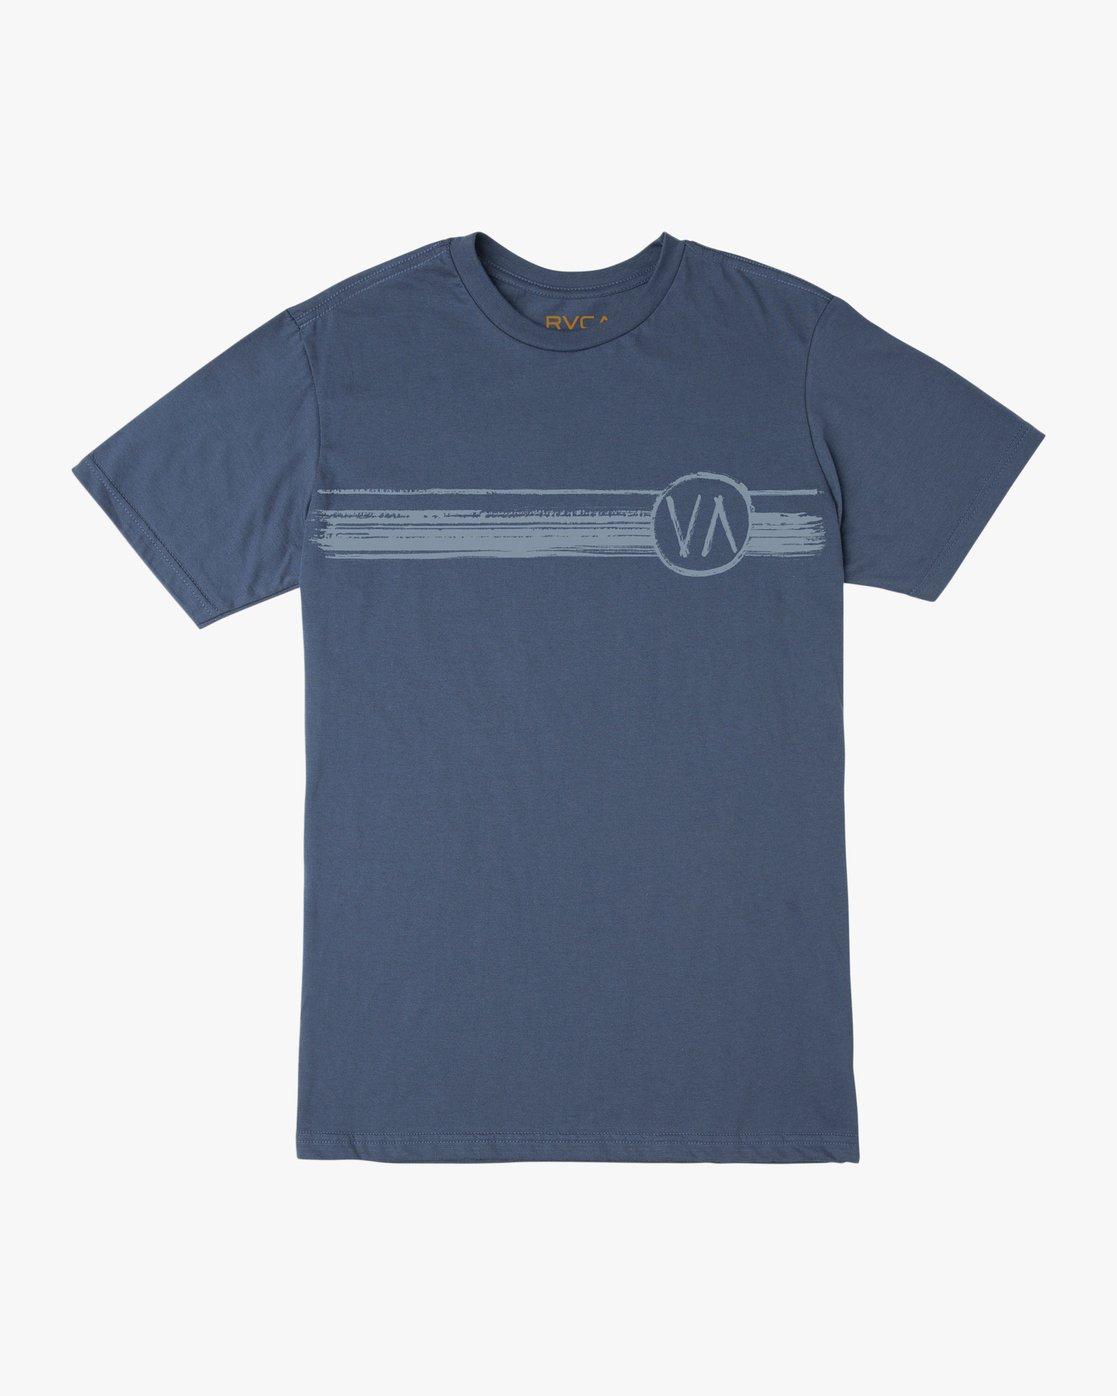 0 Ben Horton Off Track T-Shirt Blue M401TROF RVCA